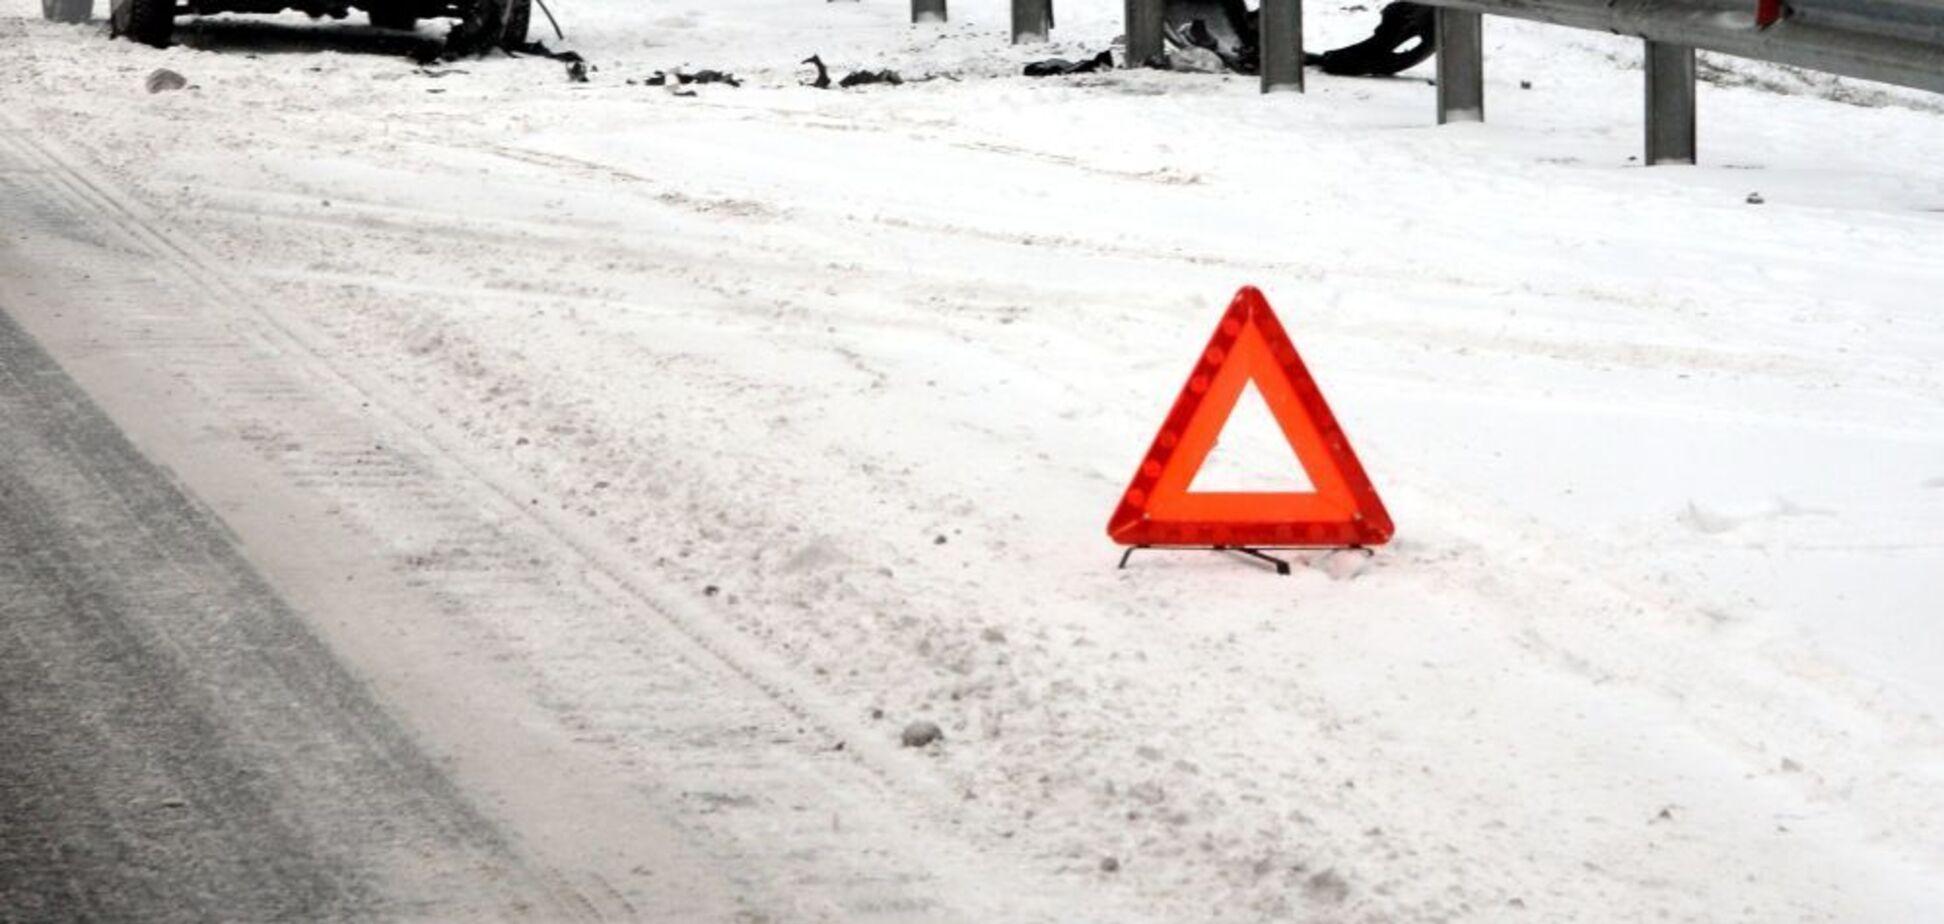 Сгорели заживо: в России в ДТП погибли высокопоставленные чиновники. Фото